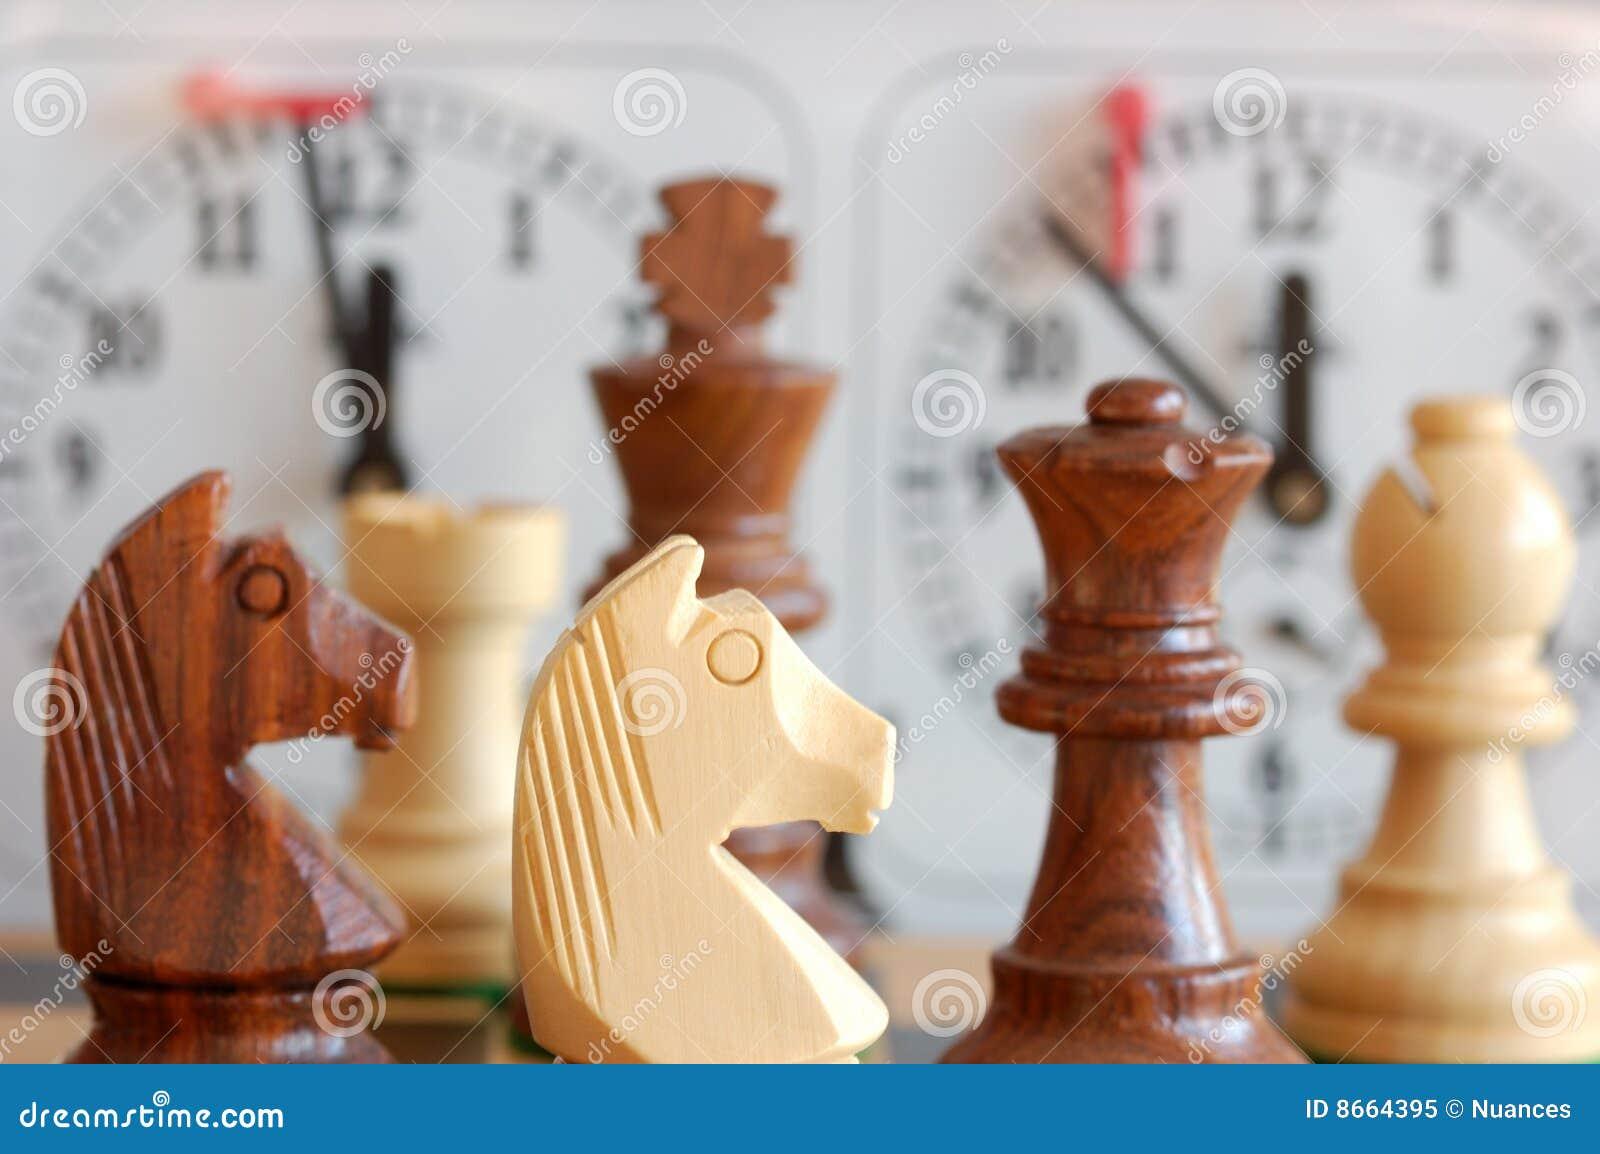 Jeu d échecs